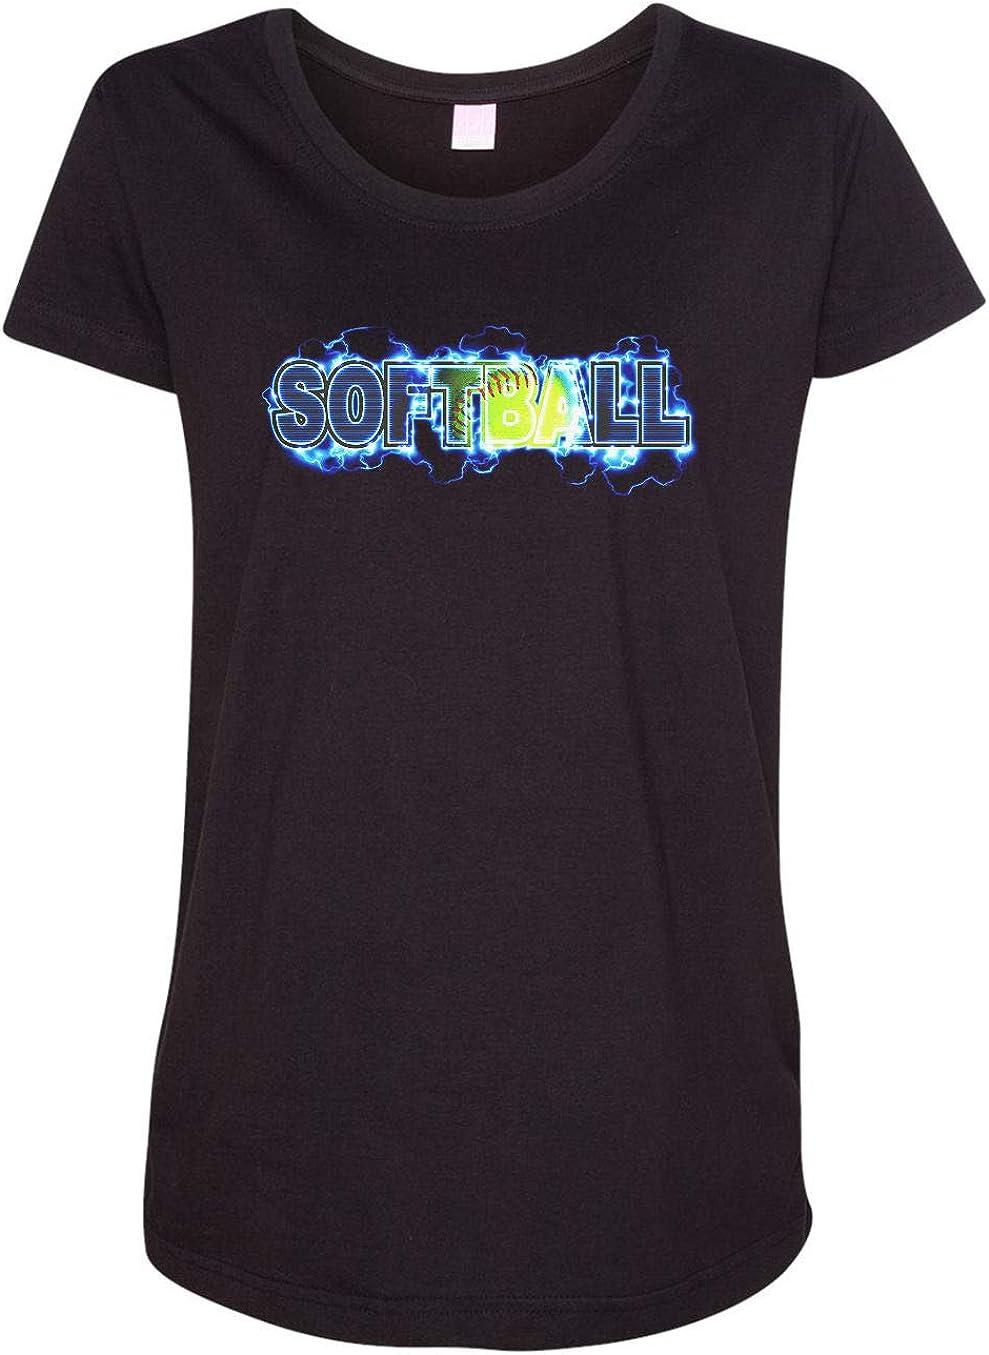 HARD EDGE DESIGN Women's Softball Lightning T-Shirt